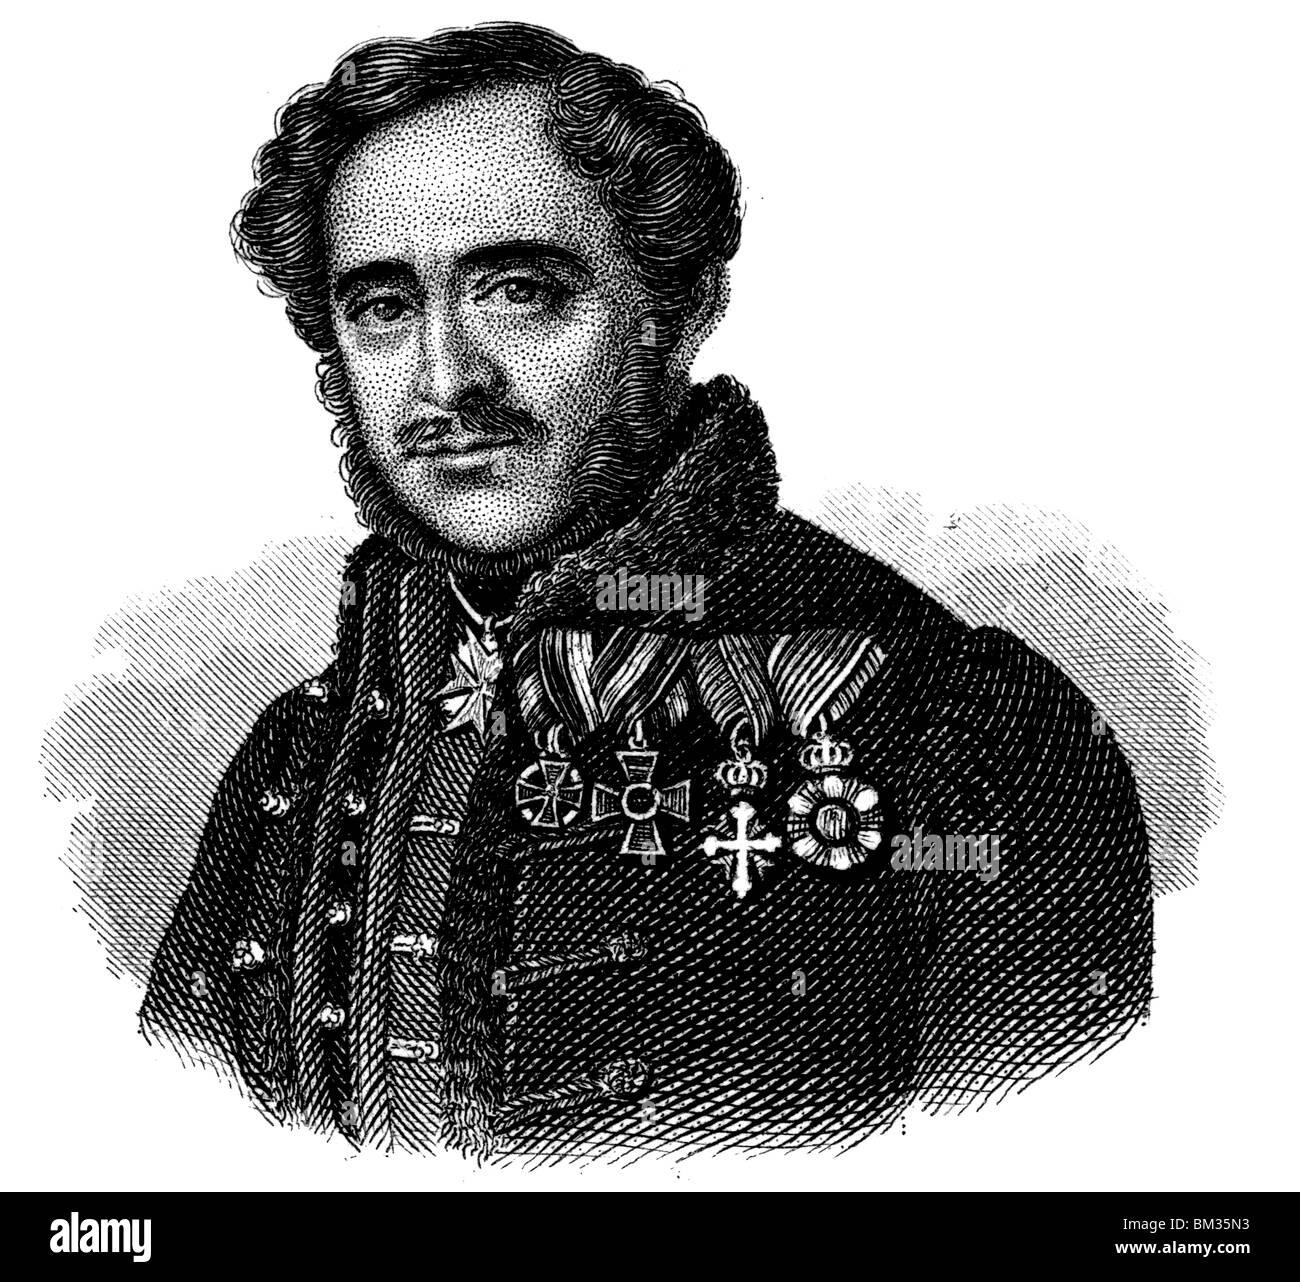 István Széchenyi - Stock Image